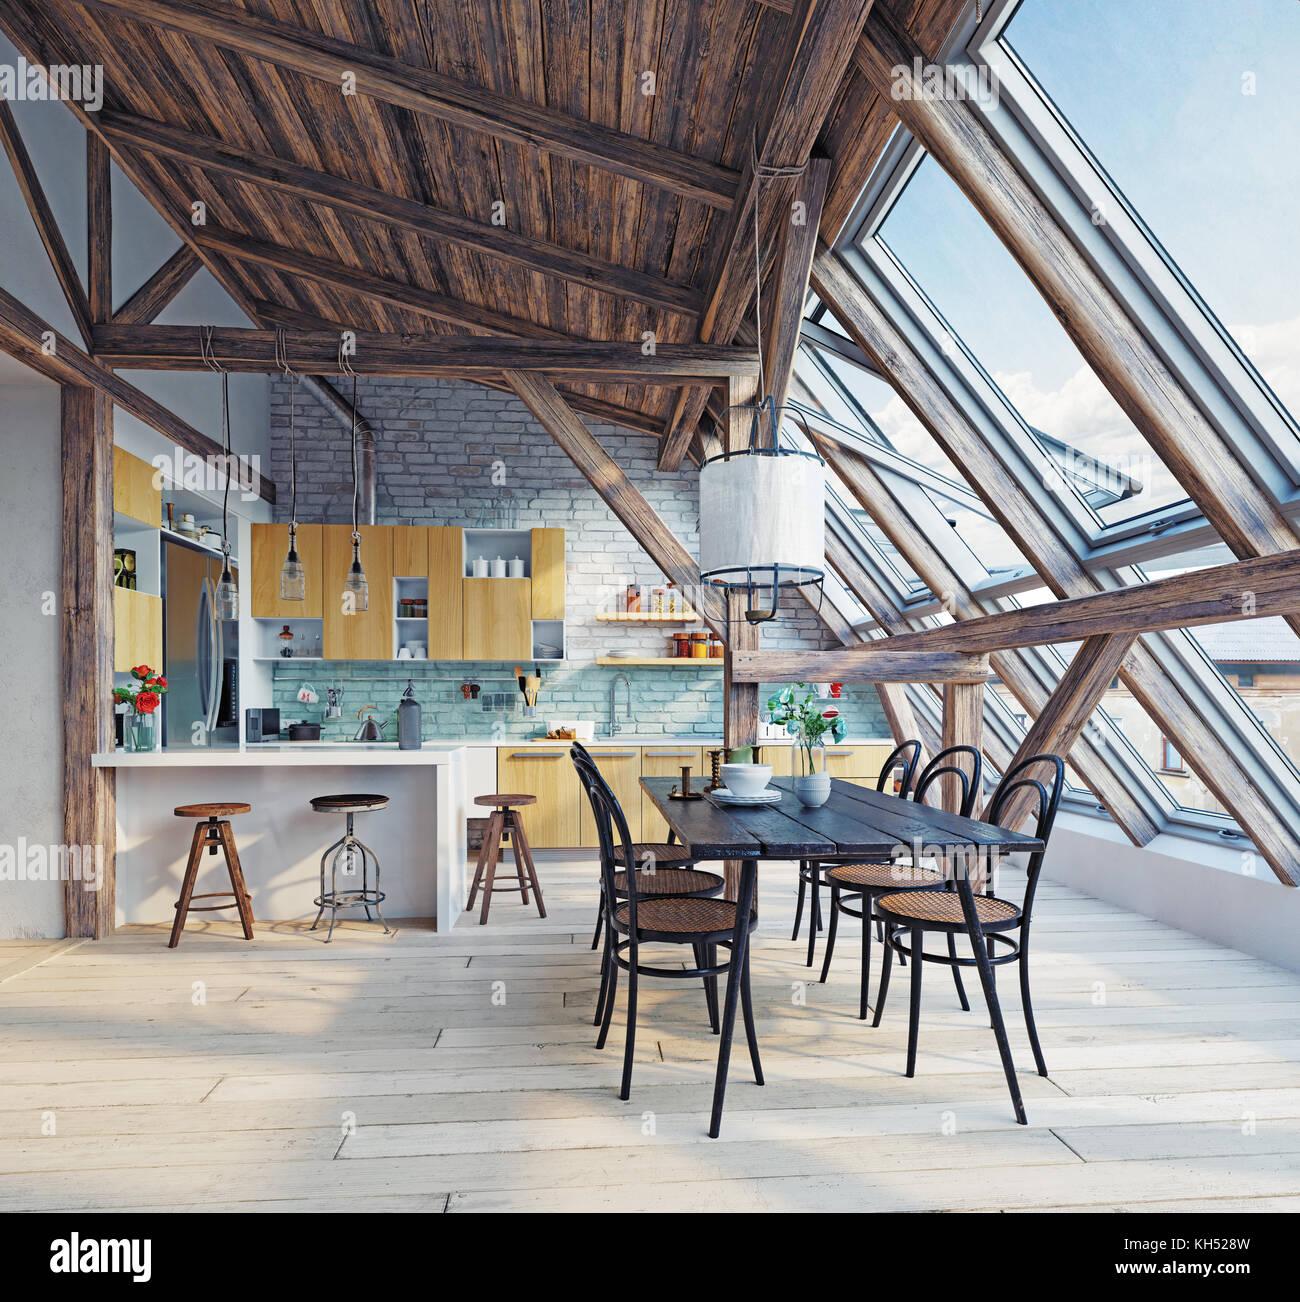 Moderne Dachgeschoss Küche Interieur. 3D-rendering Konzept Stockfoto ...